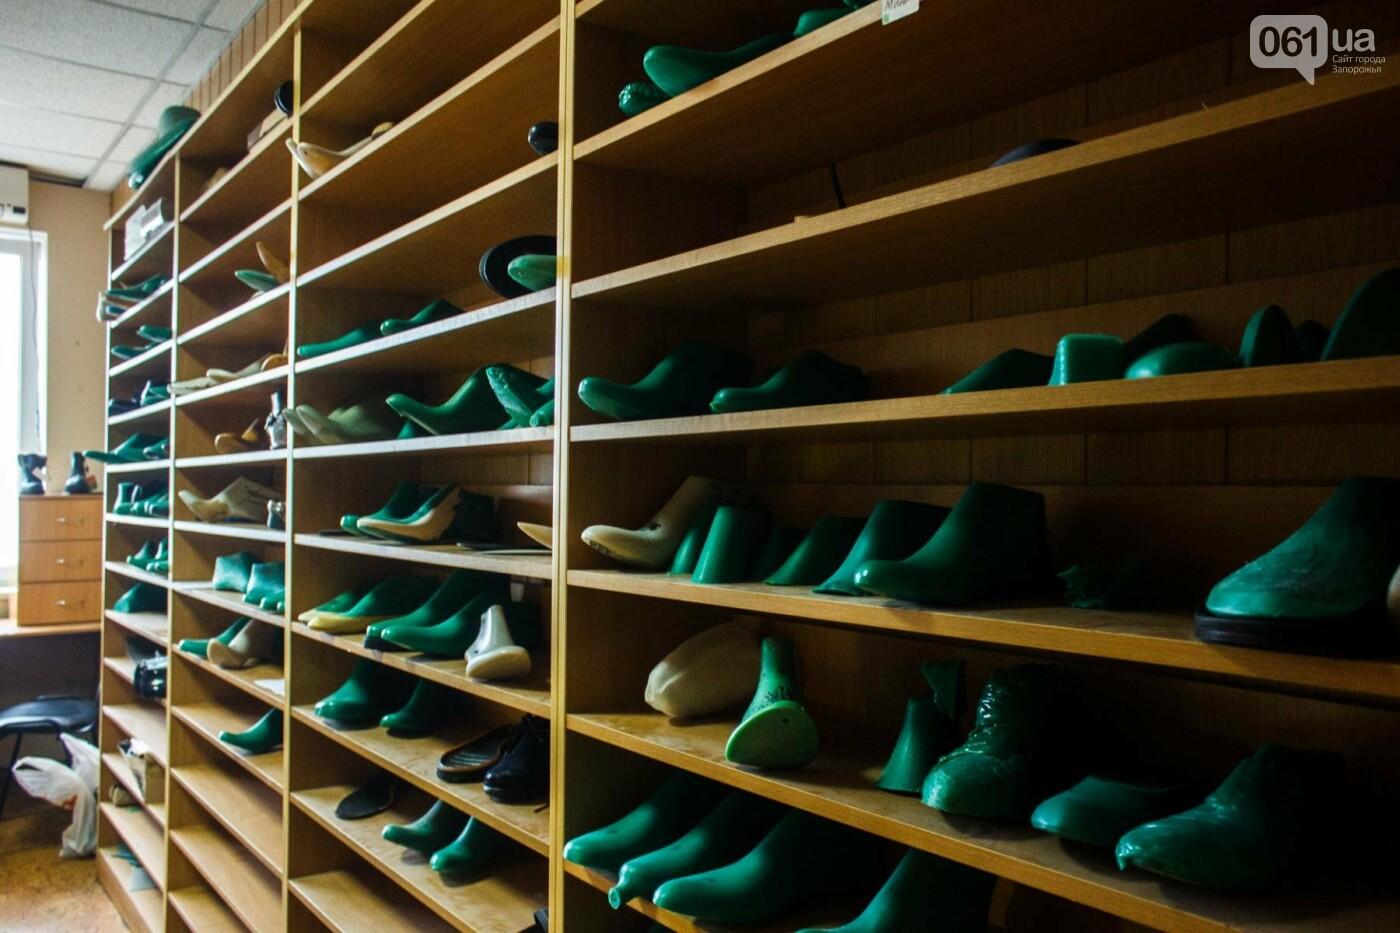 Как создается обувь: экскурсия на запорожскую обувную фабрику, – ФОТОРЕПОРТАЖ, фото-6